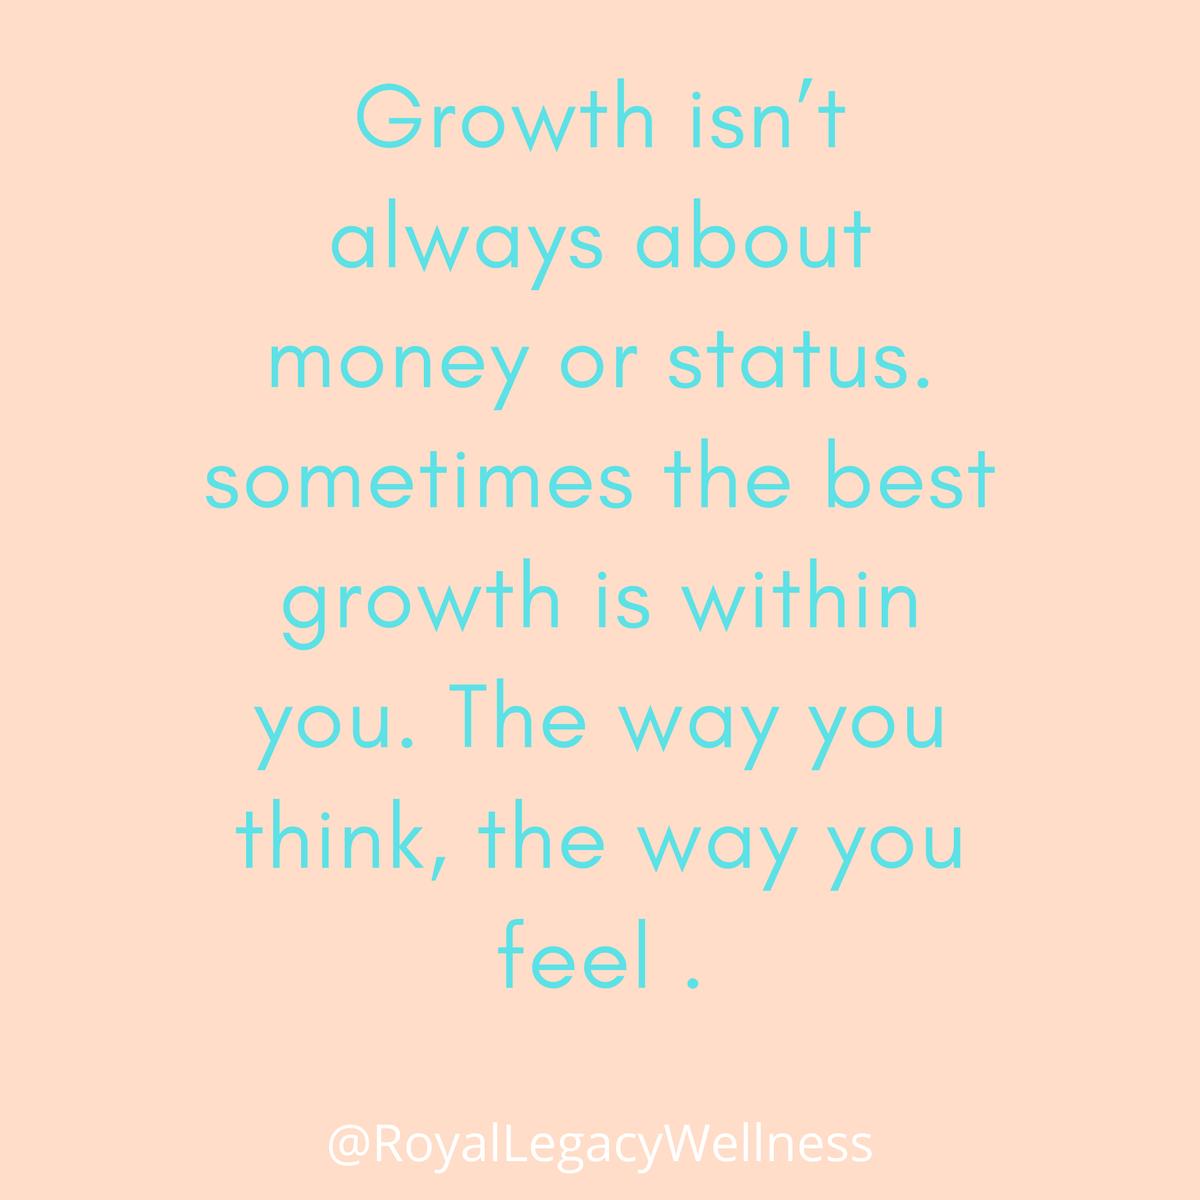 #Growth #mindset #selfcare #femalefounders #mybodycomplete #femaleentrepreneur #femalefitness #nutraburst #nutraburstliquidvitamins #nutraburstchallenge #CBD #womeninbusiness #womensupportingwomen #womenentrepreneurs #healthiswealth https://t.co/l7deN8Dct6